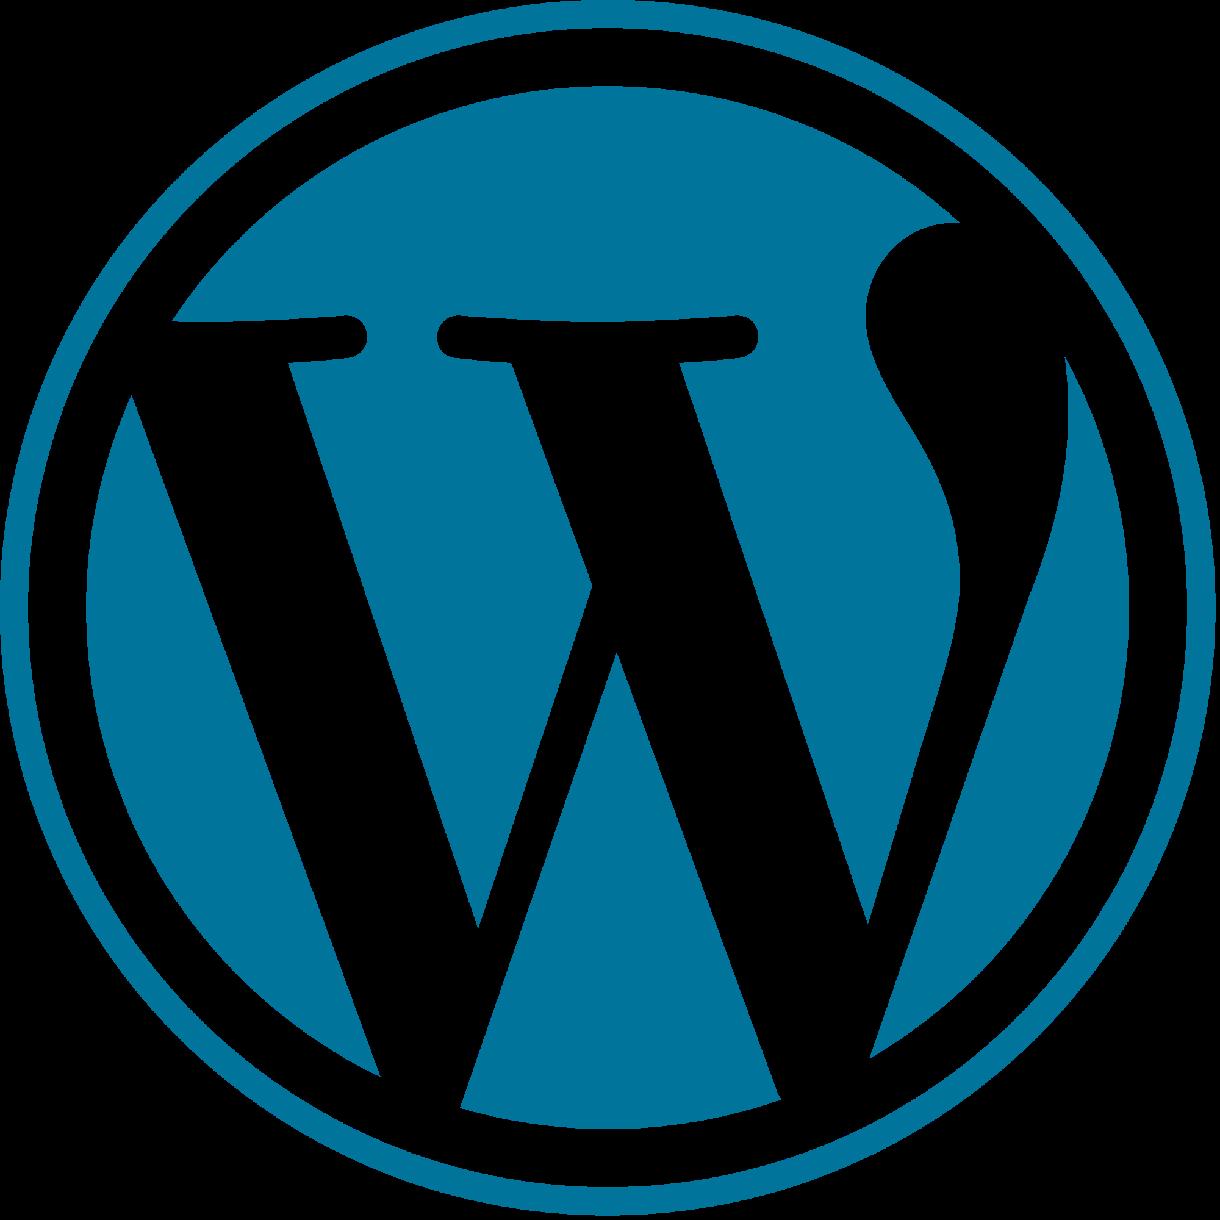 【テーマ製作者が答えます】WordPressご質問、ご相談に解答します イメージ1